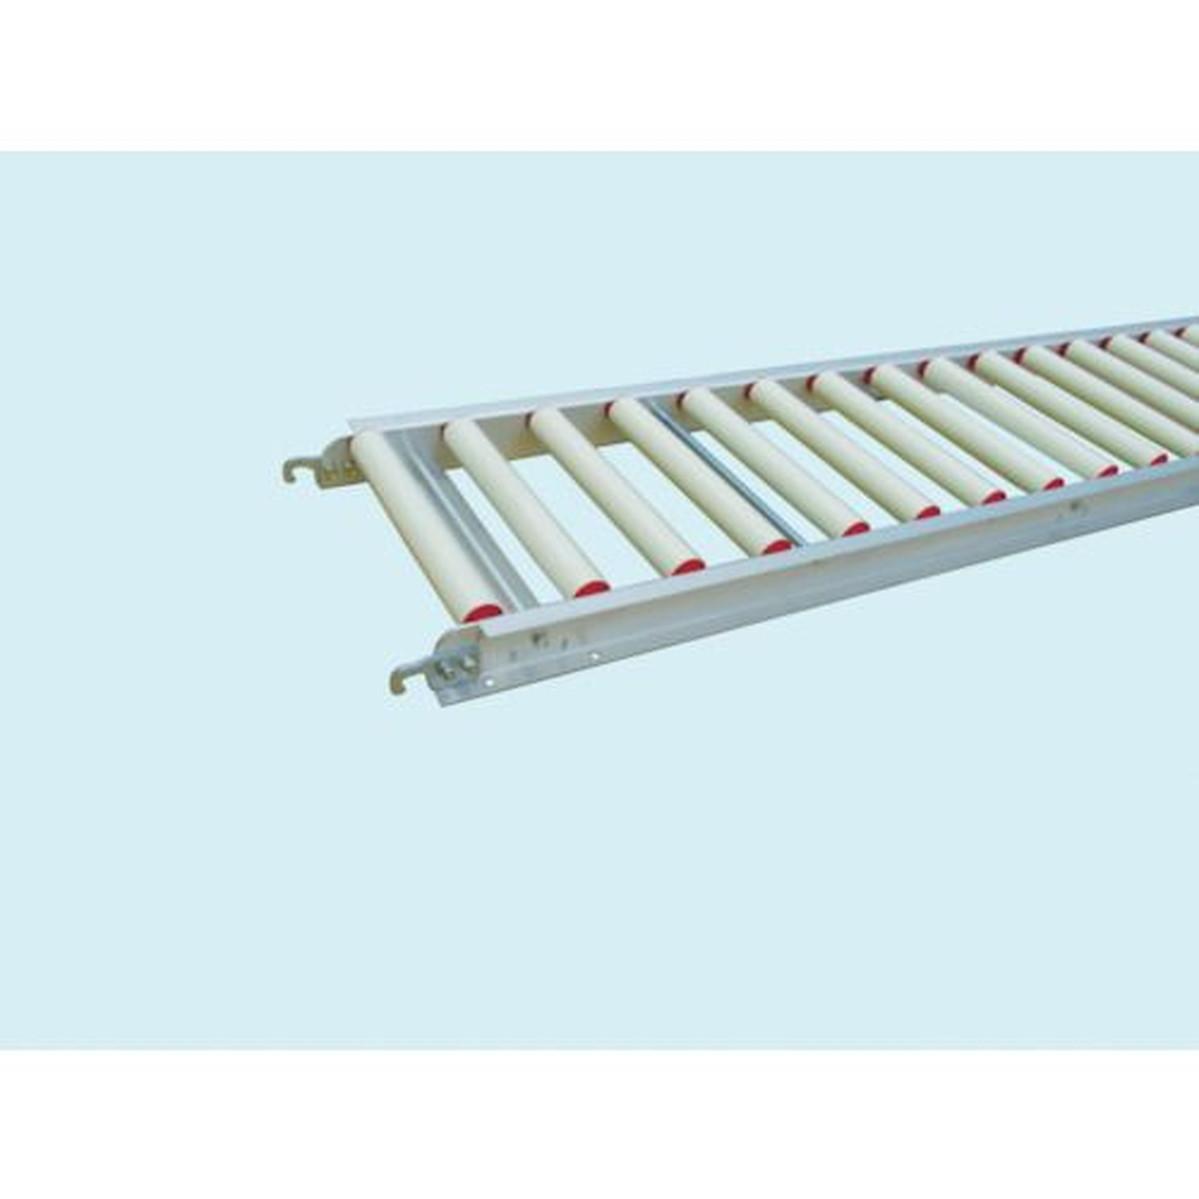 【新品】 三鈴 樹脂ローラコンベヤMR38型Ф38X2.6T 幅600 3M 1台, ミズナミシ 214f80e7